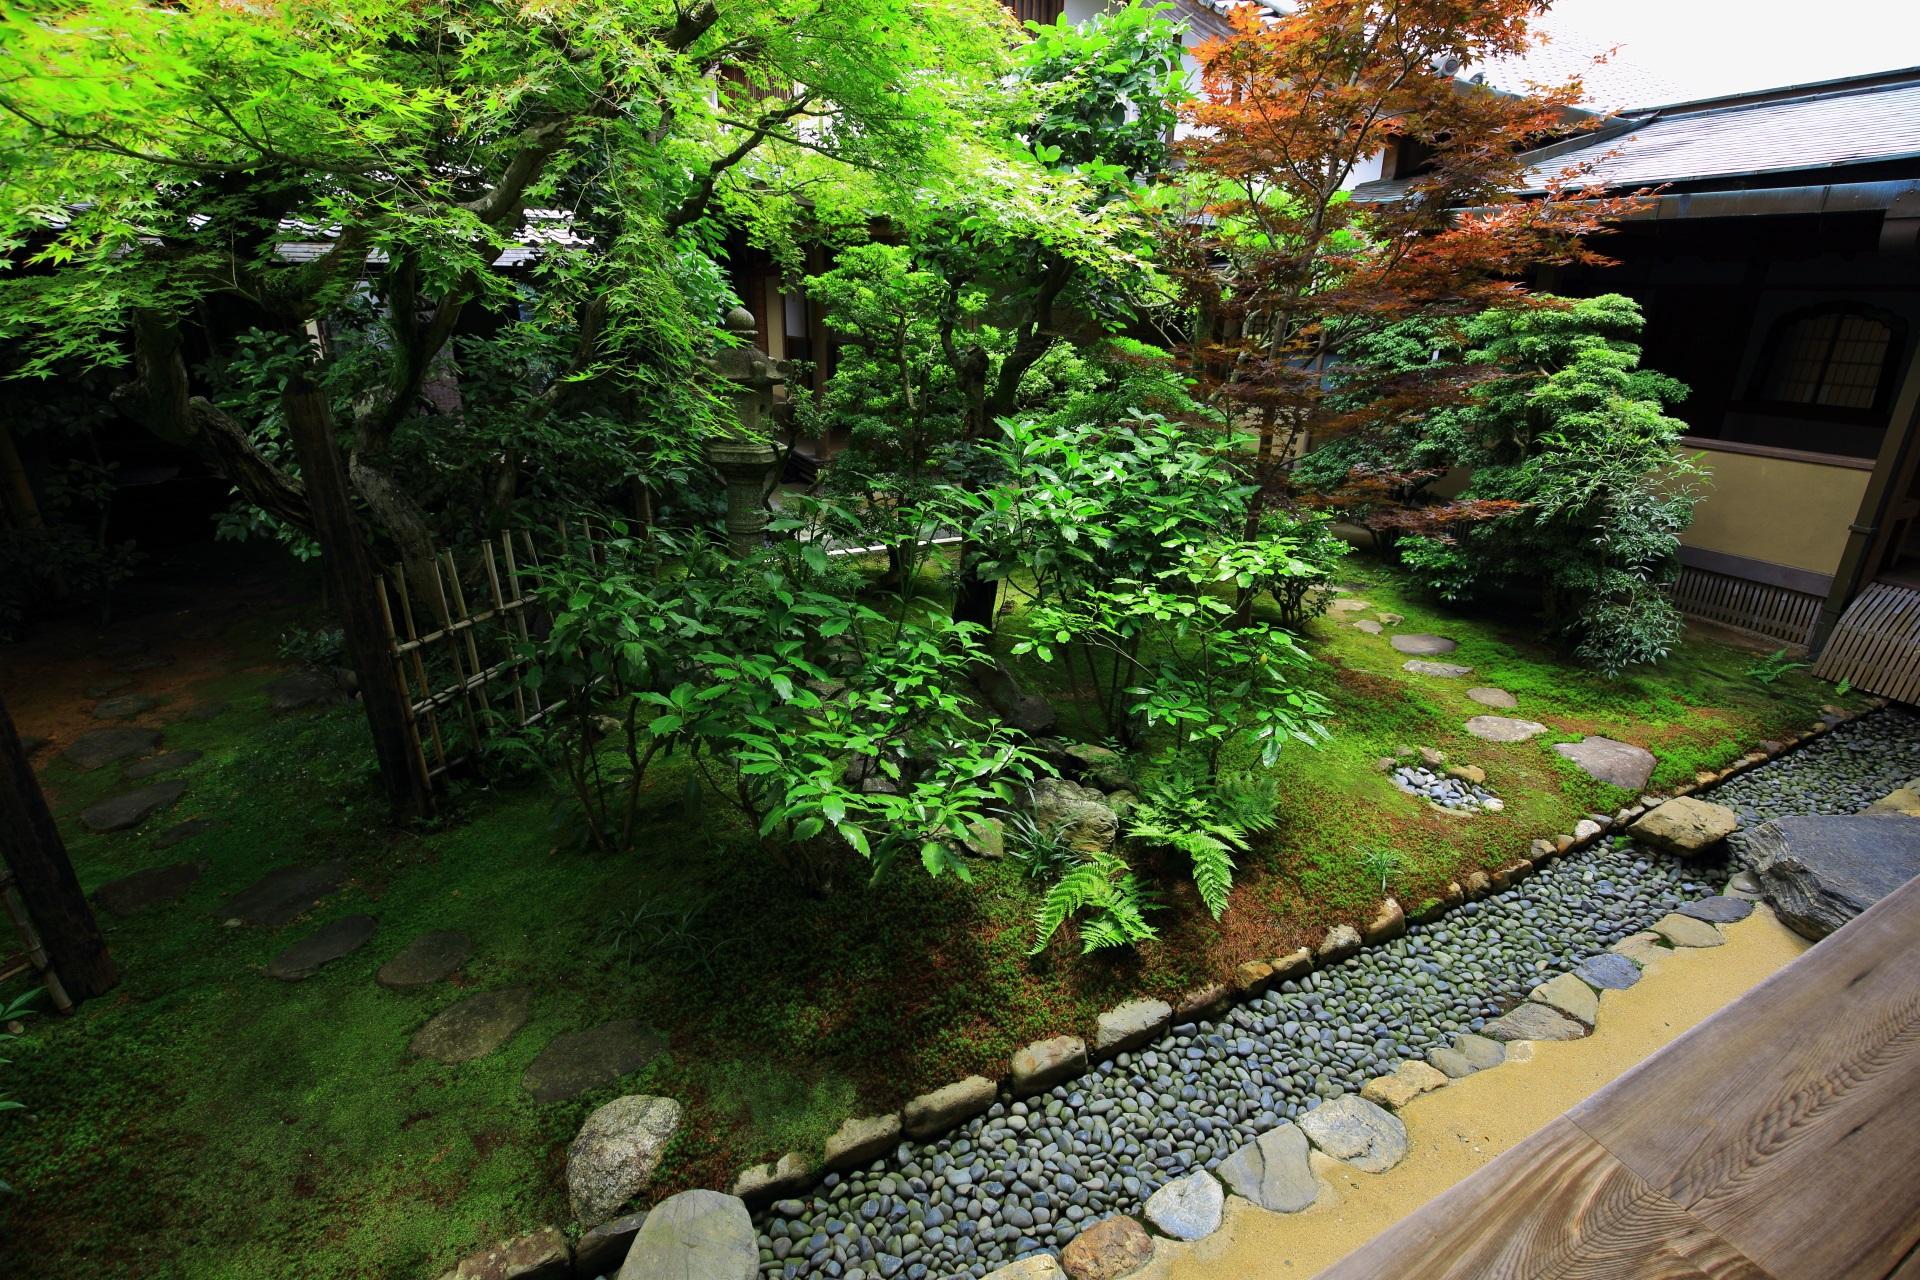 多種多様な植物や緑につつまれる興臨院の露地庭